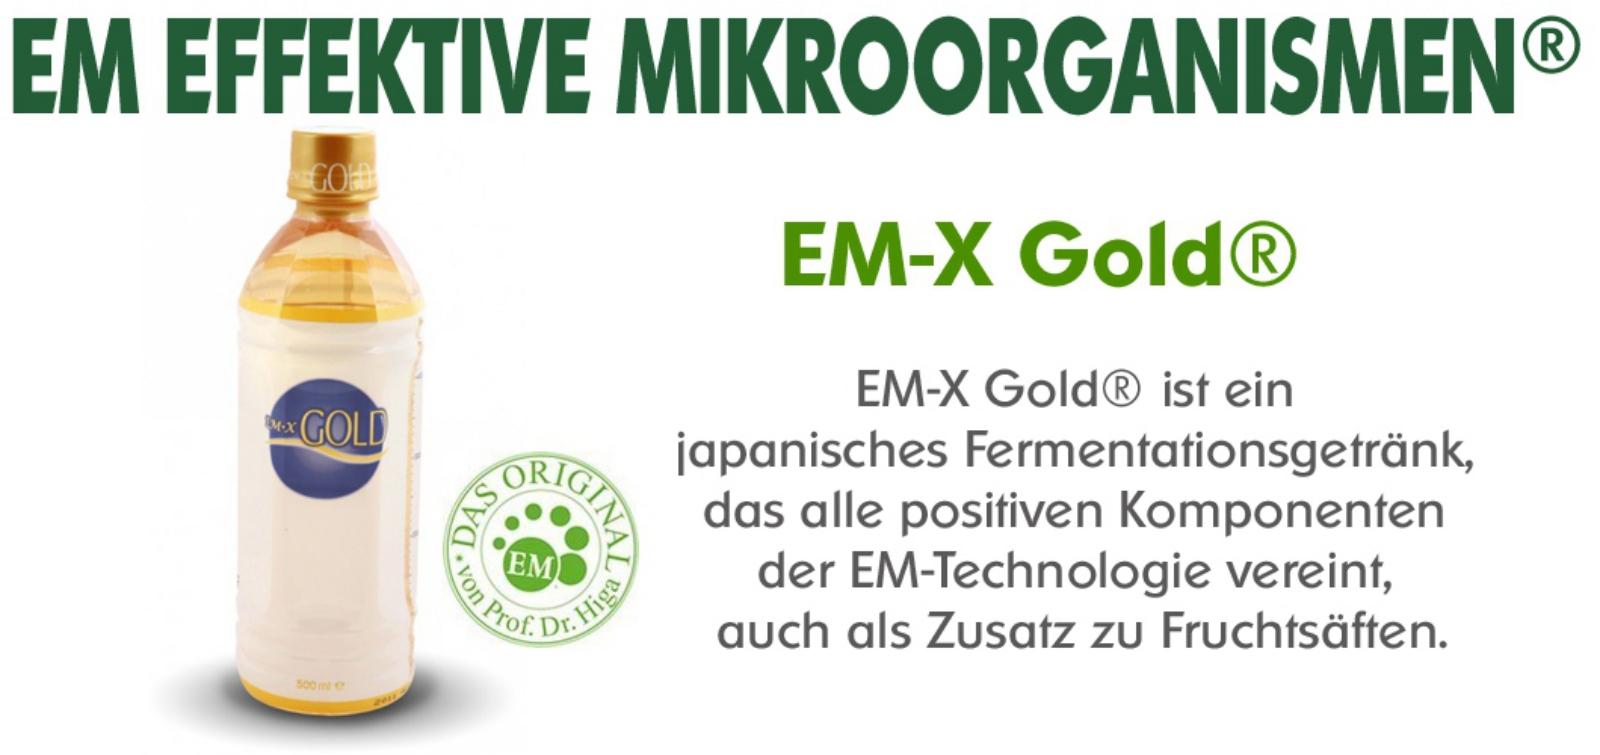 EM-X Gold® Fermentationsgetränk